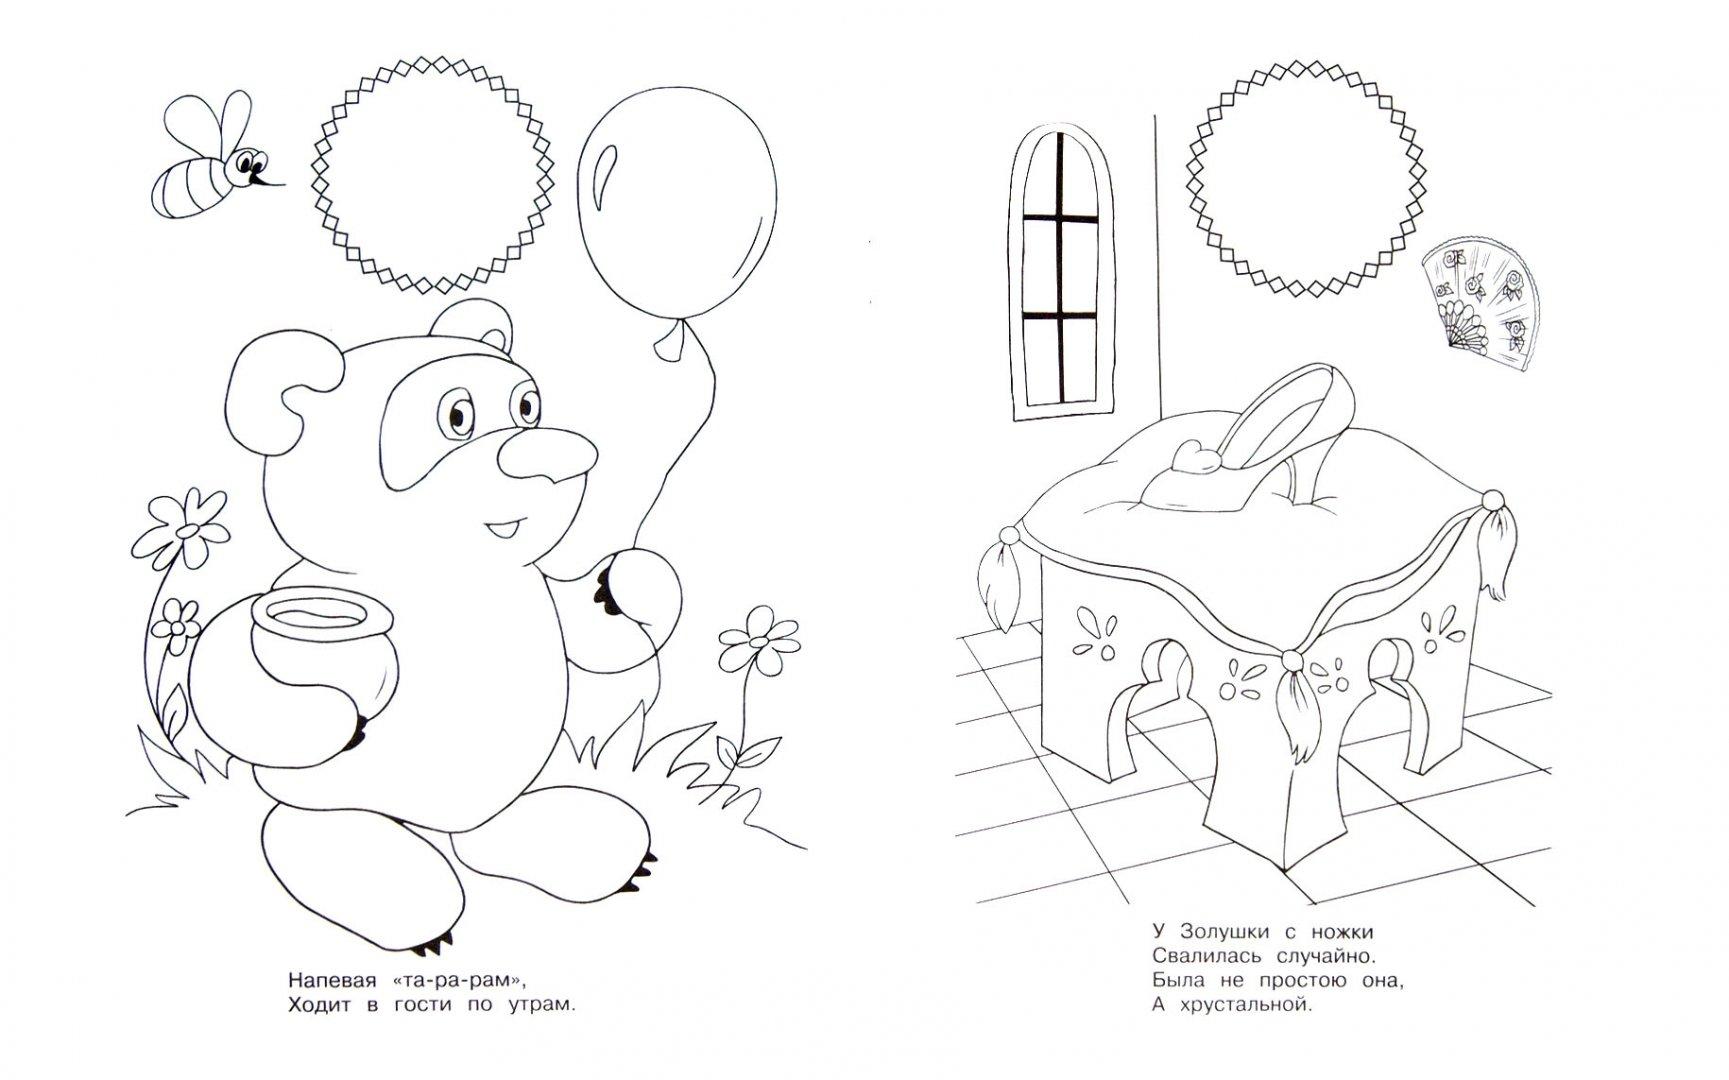 Иллюстрация 1 из 4 для Сказочные загадки - Юлия Шигарова   Лабиринт - книги. Источник: Лабиринт